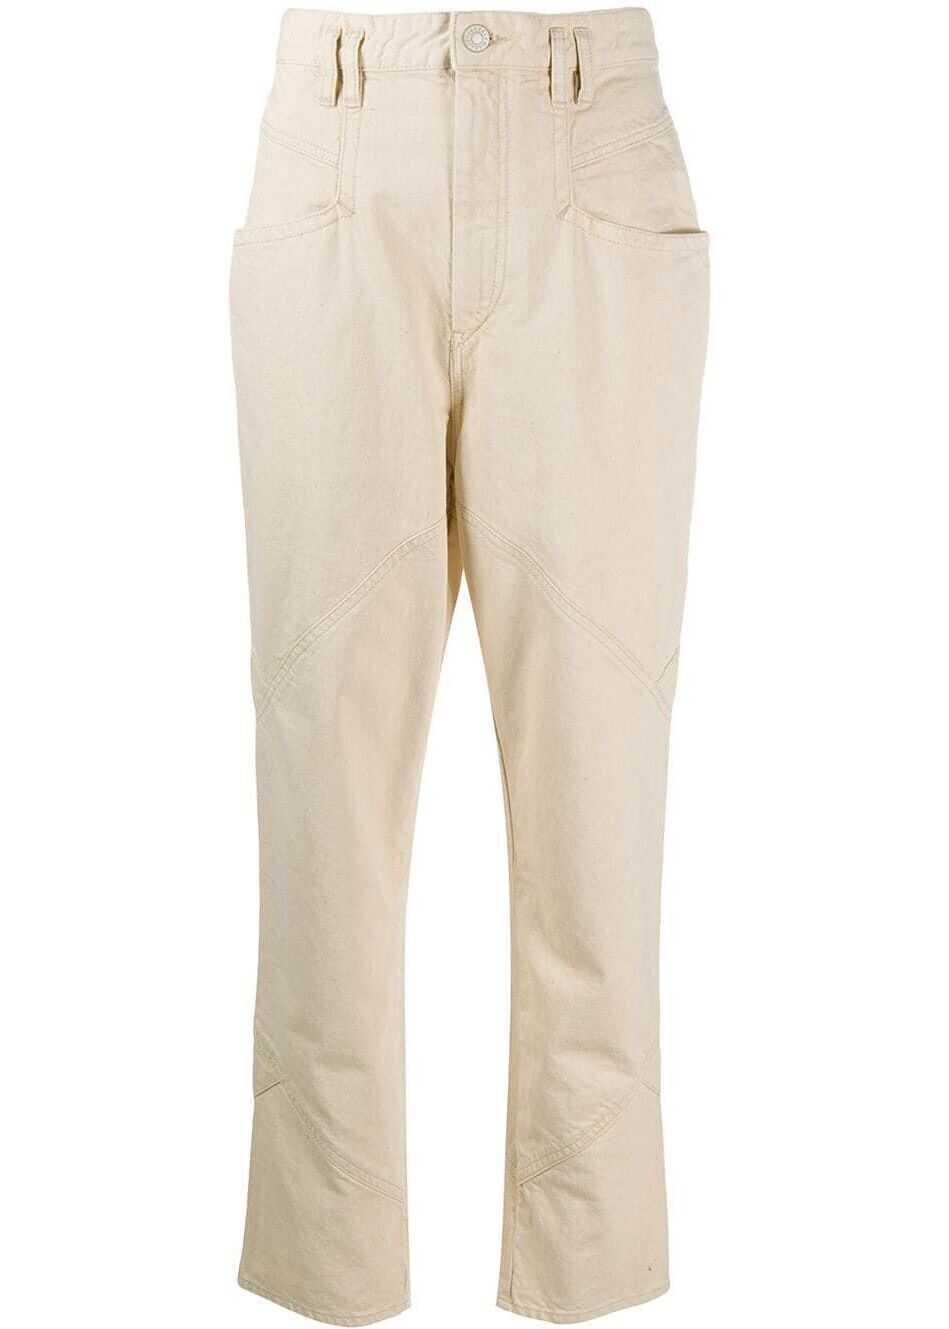 Isabel Marant Cotton Jeans BEIGE